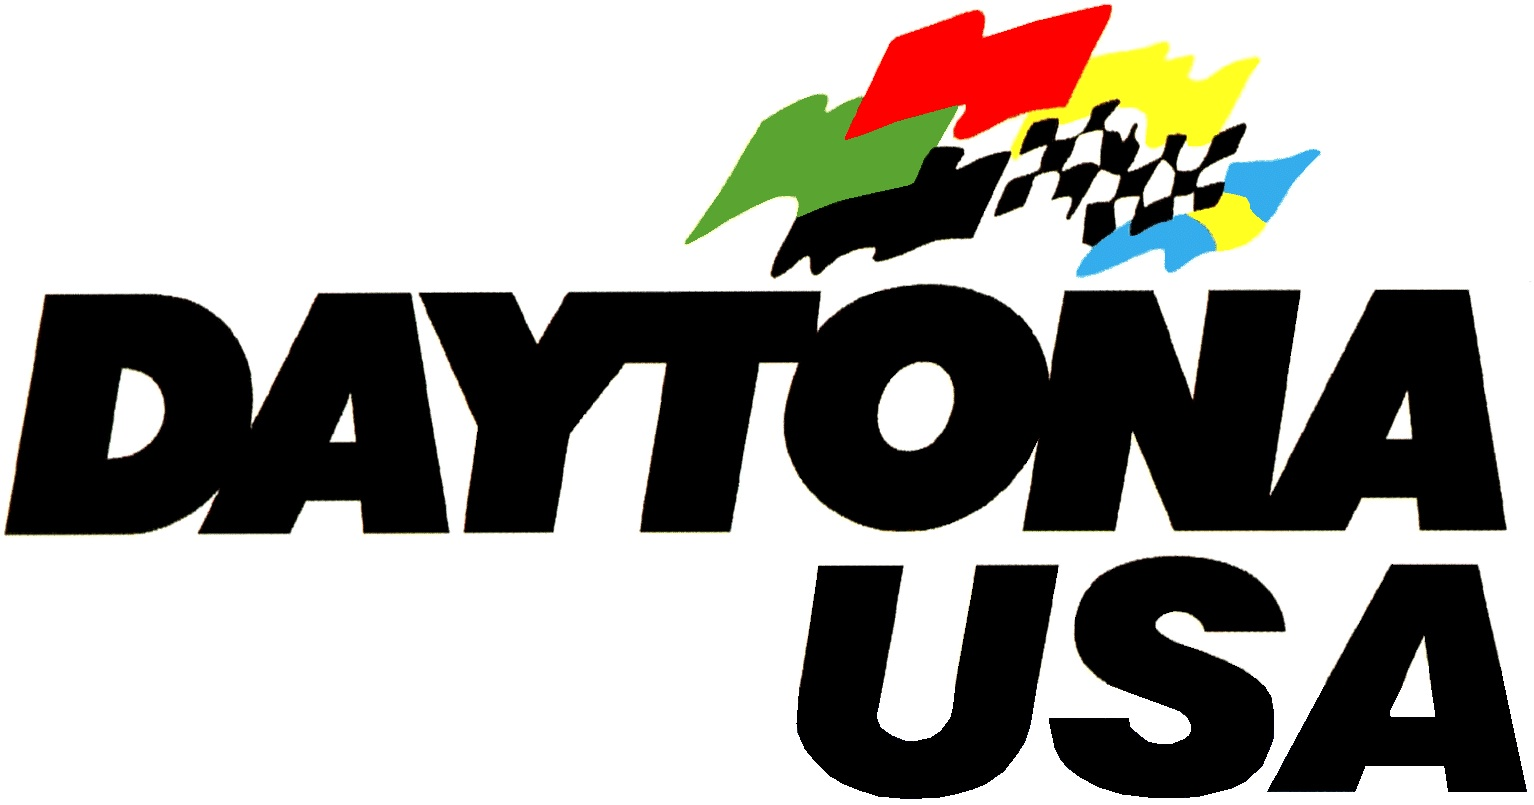 Sega confirms Daytona USA is XBLA bound, speeding out this month